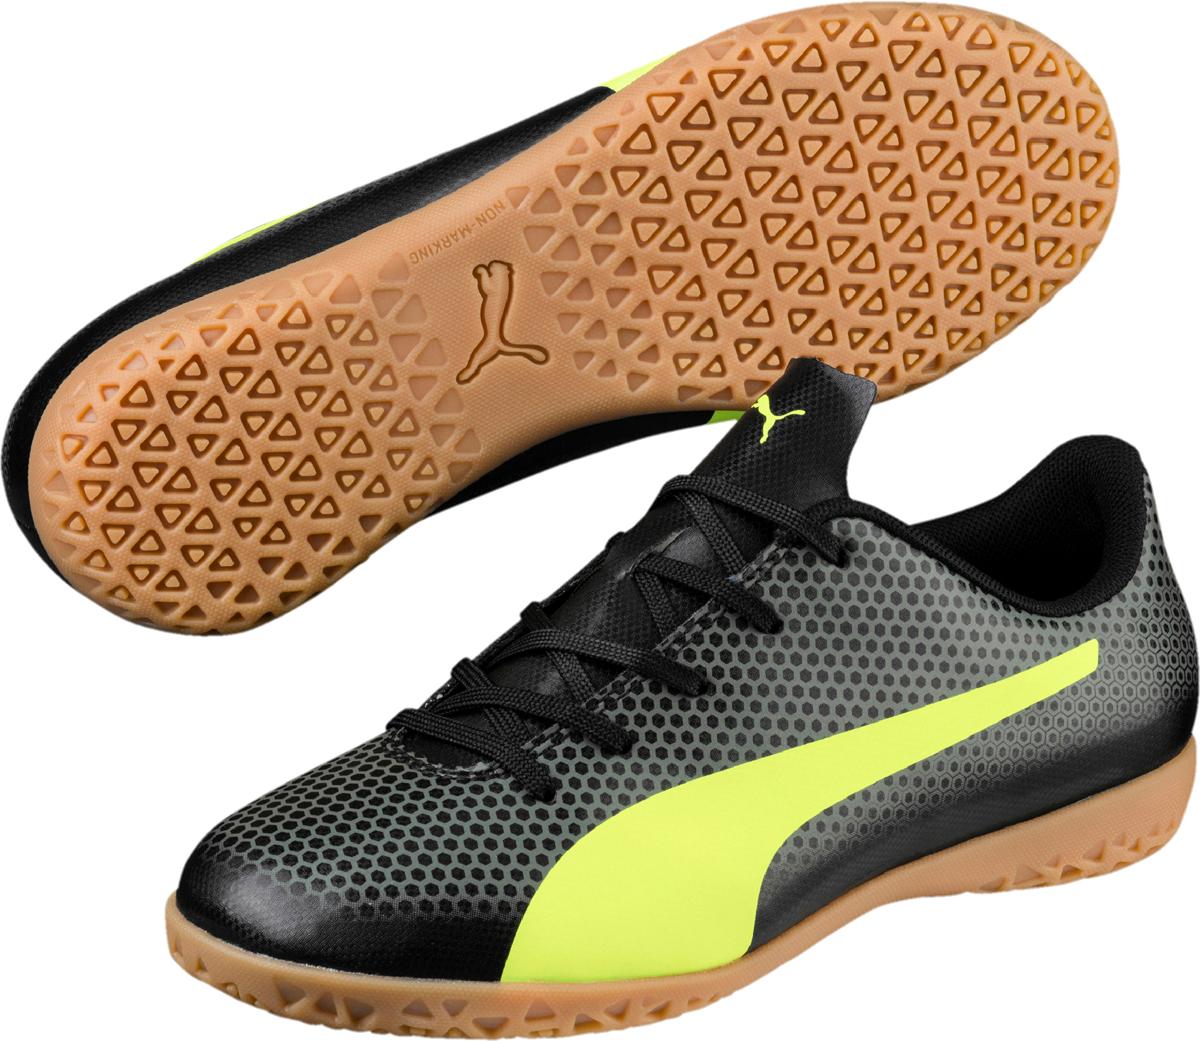 Бутсы Puma Spirit сочетают в себе передовые технологии и запоминающийся стиль популярных линеек футбольной обуви Puma. Модель Puma Spirit отличается легкостью, удобством и долговечностью в носке за счет использования мягкого и в то же время износостойкого синтетического материала верха. Благодаря мягкой подкладке бутсы отлично сидят по ноге.